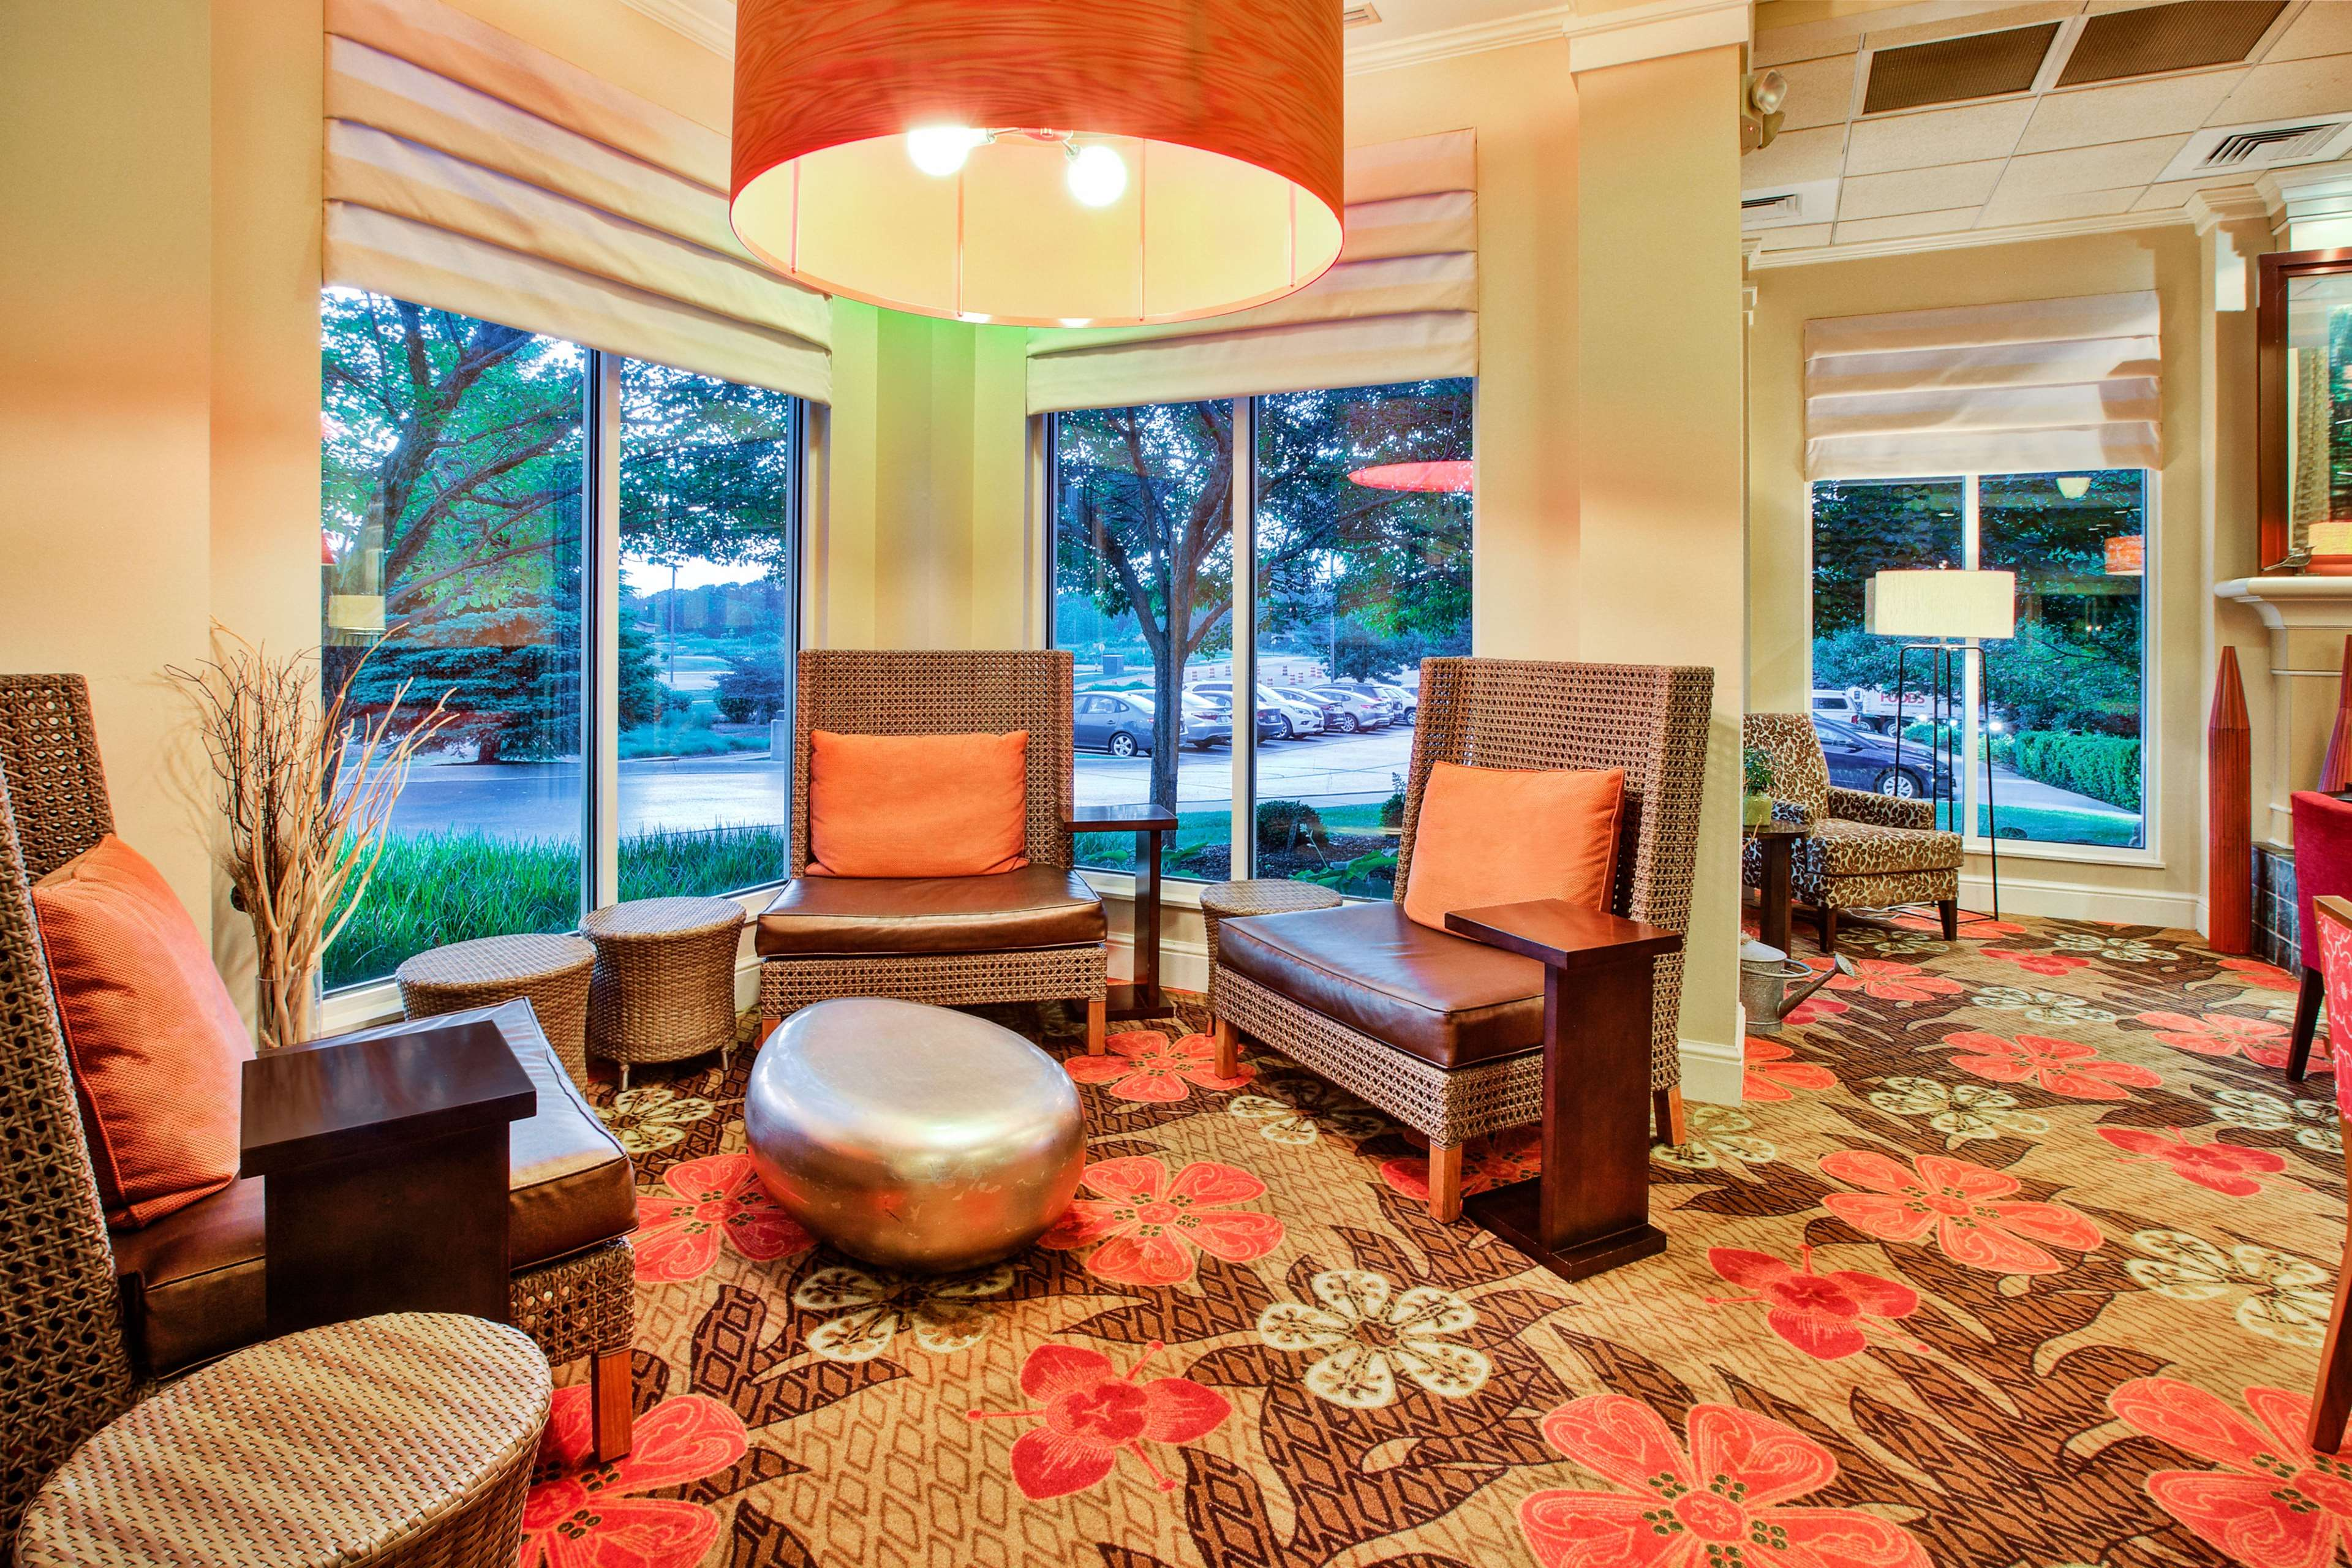 Hilton Garden Inn Chesterton image 4